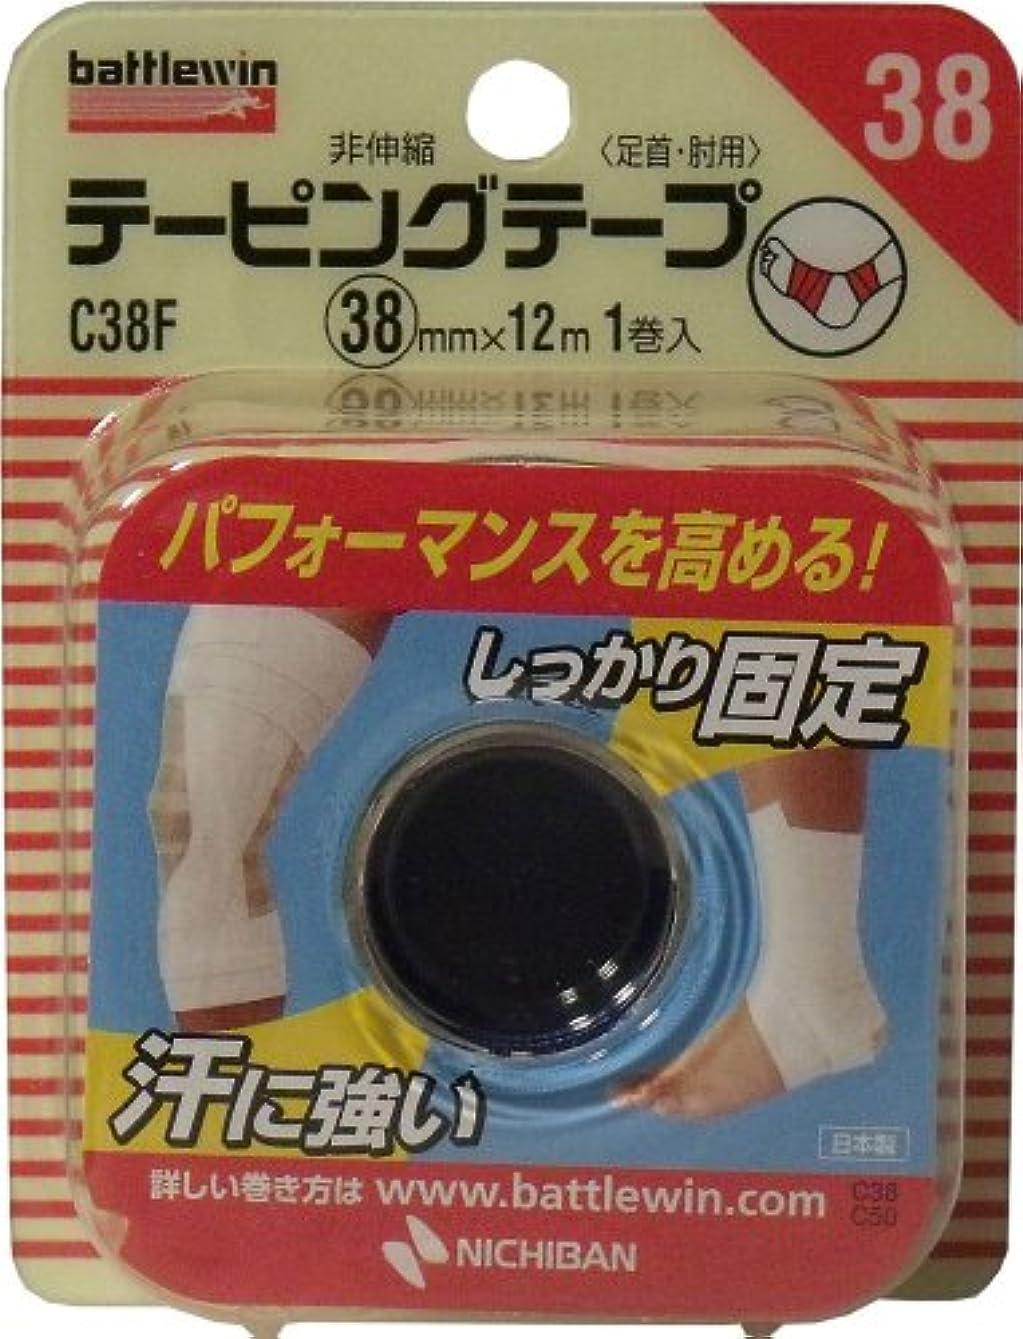 自動車嫌がらせ調査バトルウィンテーピングテープCー38F38MMX12M1ロール490 ニチバン(株)